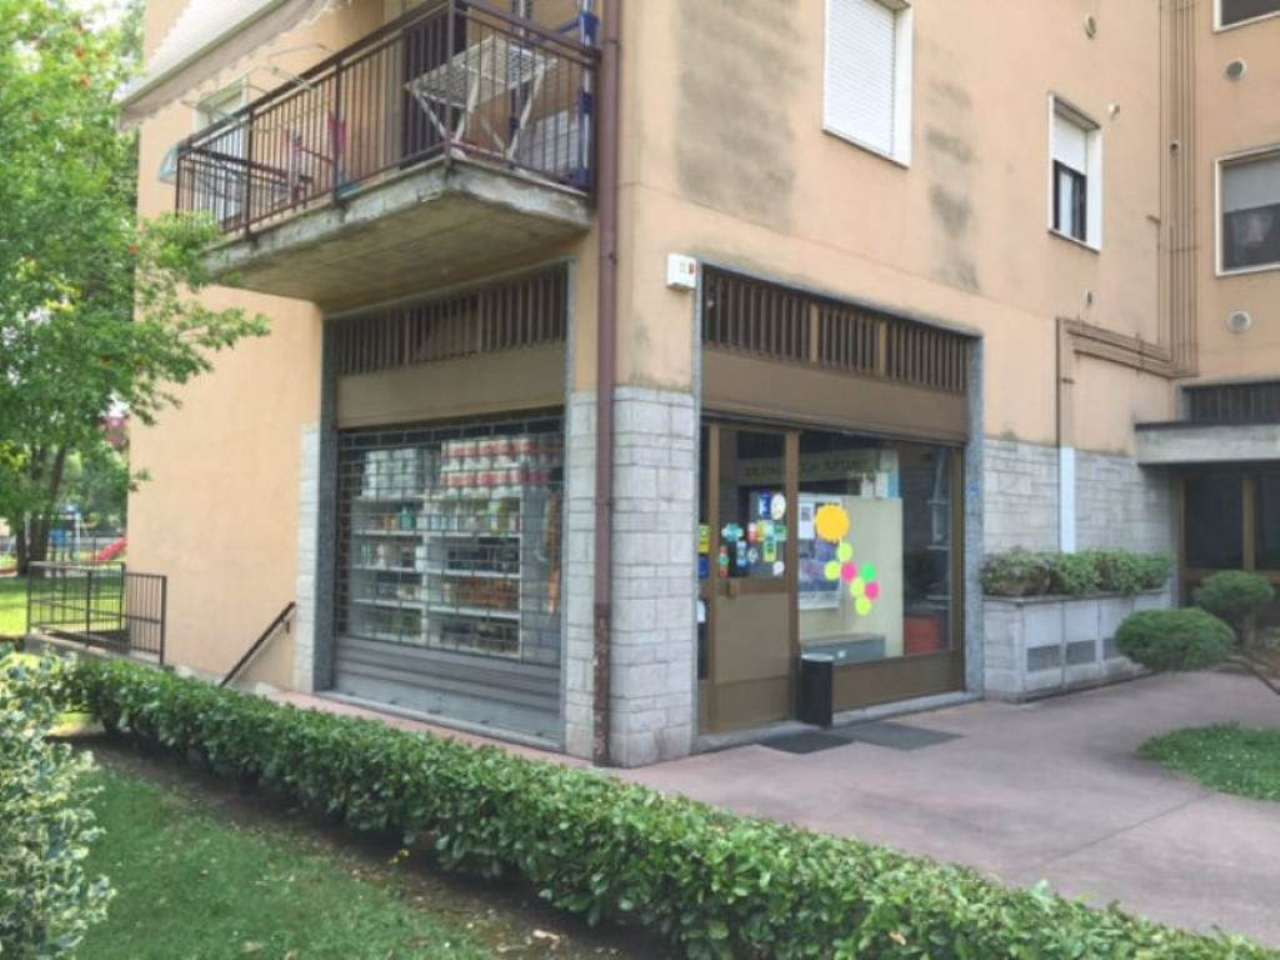 Negozio / Locale in vendita a Cassano d'Adda, 9999 locali, prezzo € 220.000 | Cambio Casa.it